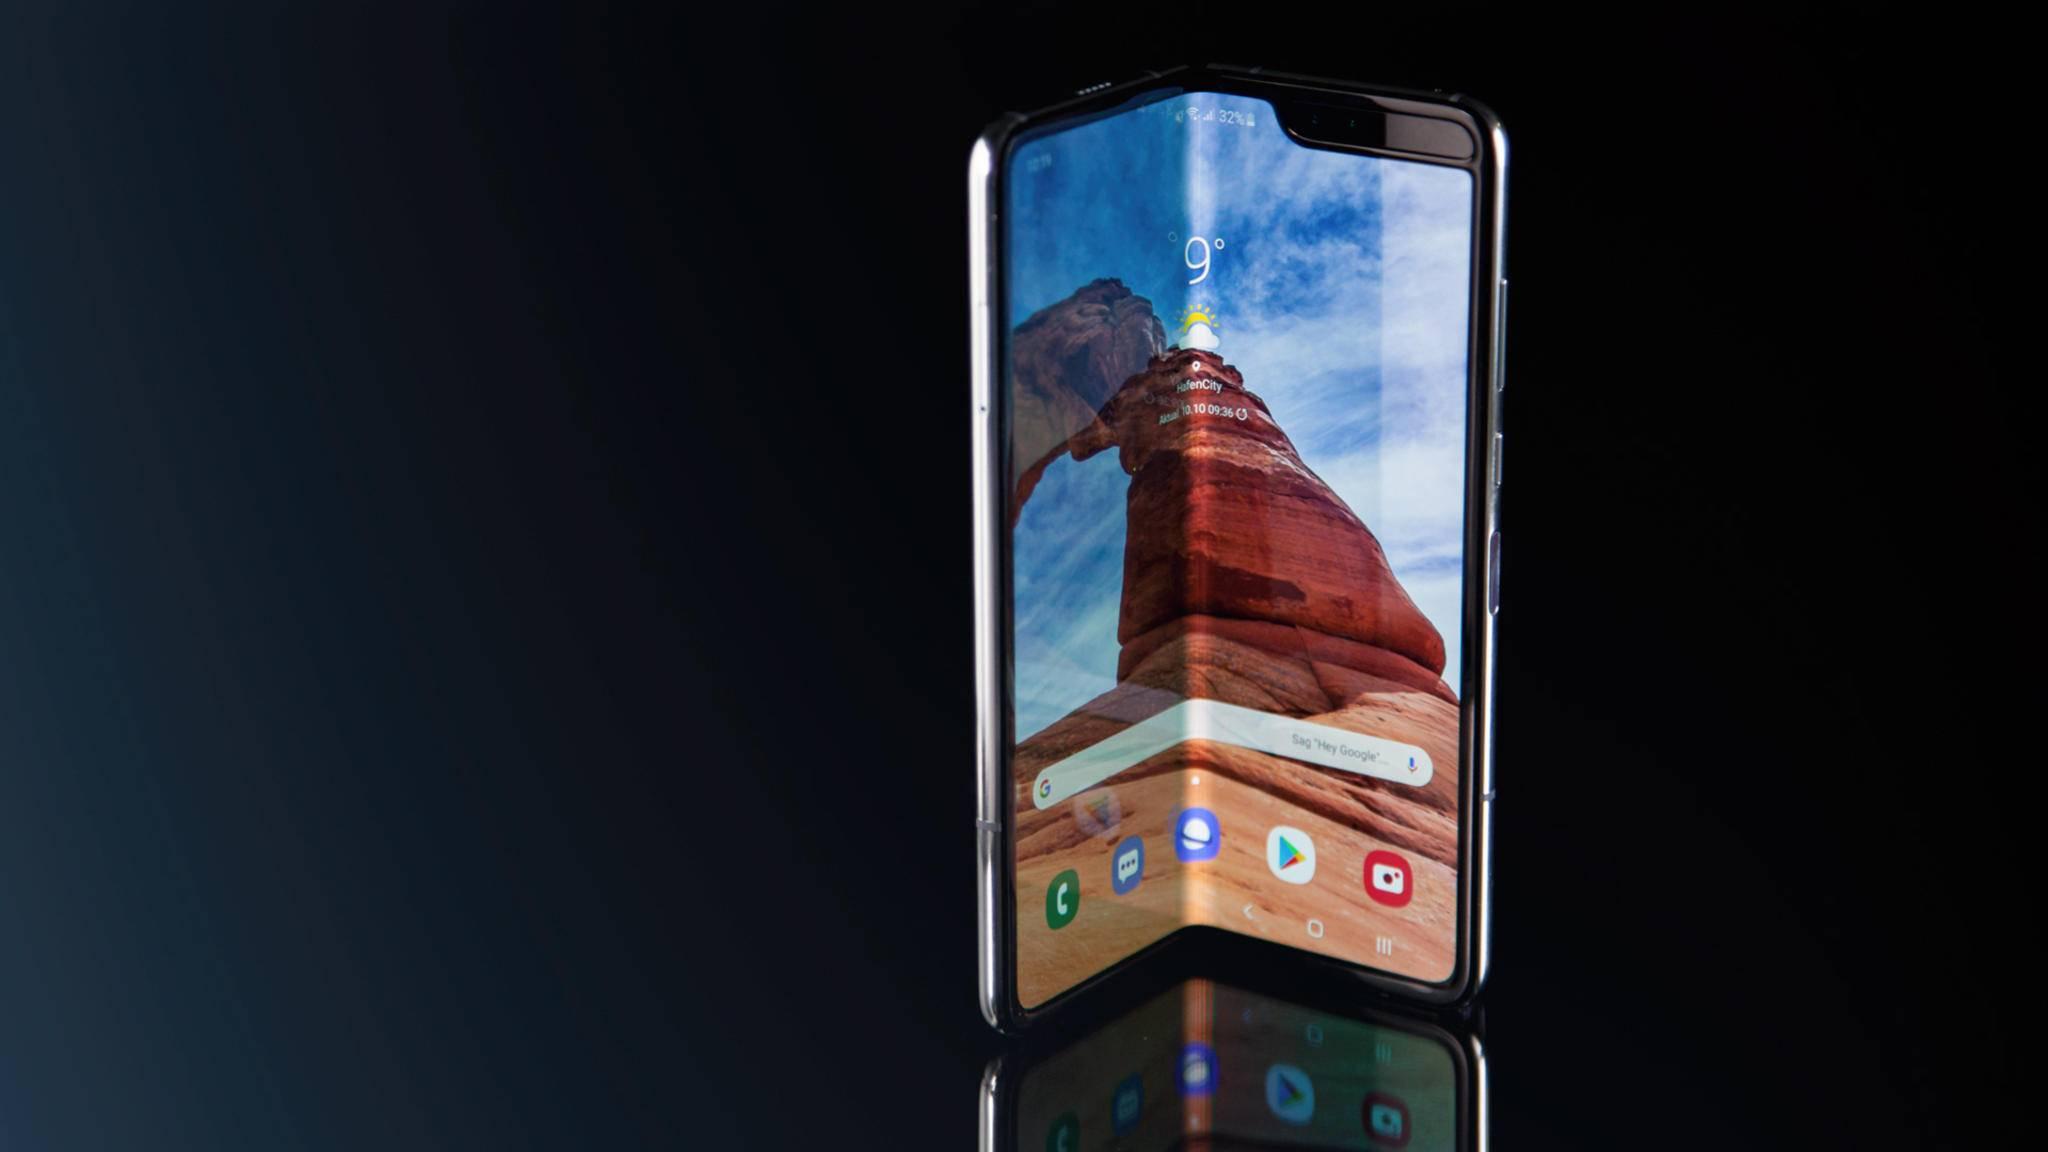 Das Samsung Galaxy Fold ist das erste faltbare Smartphone auf dem Markt.